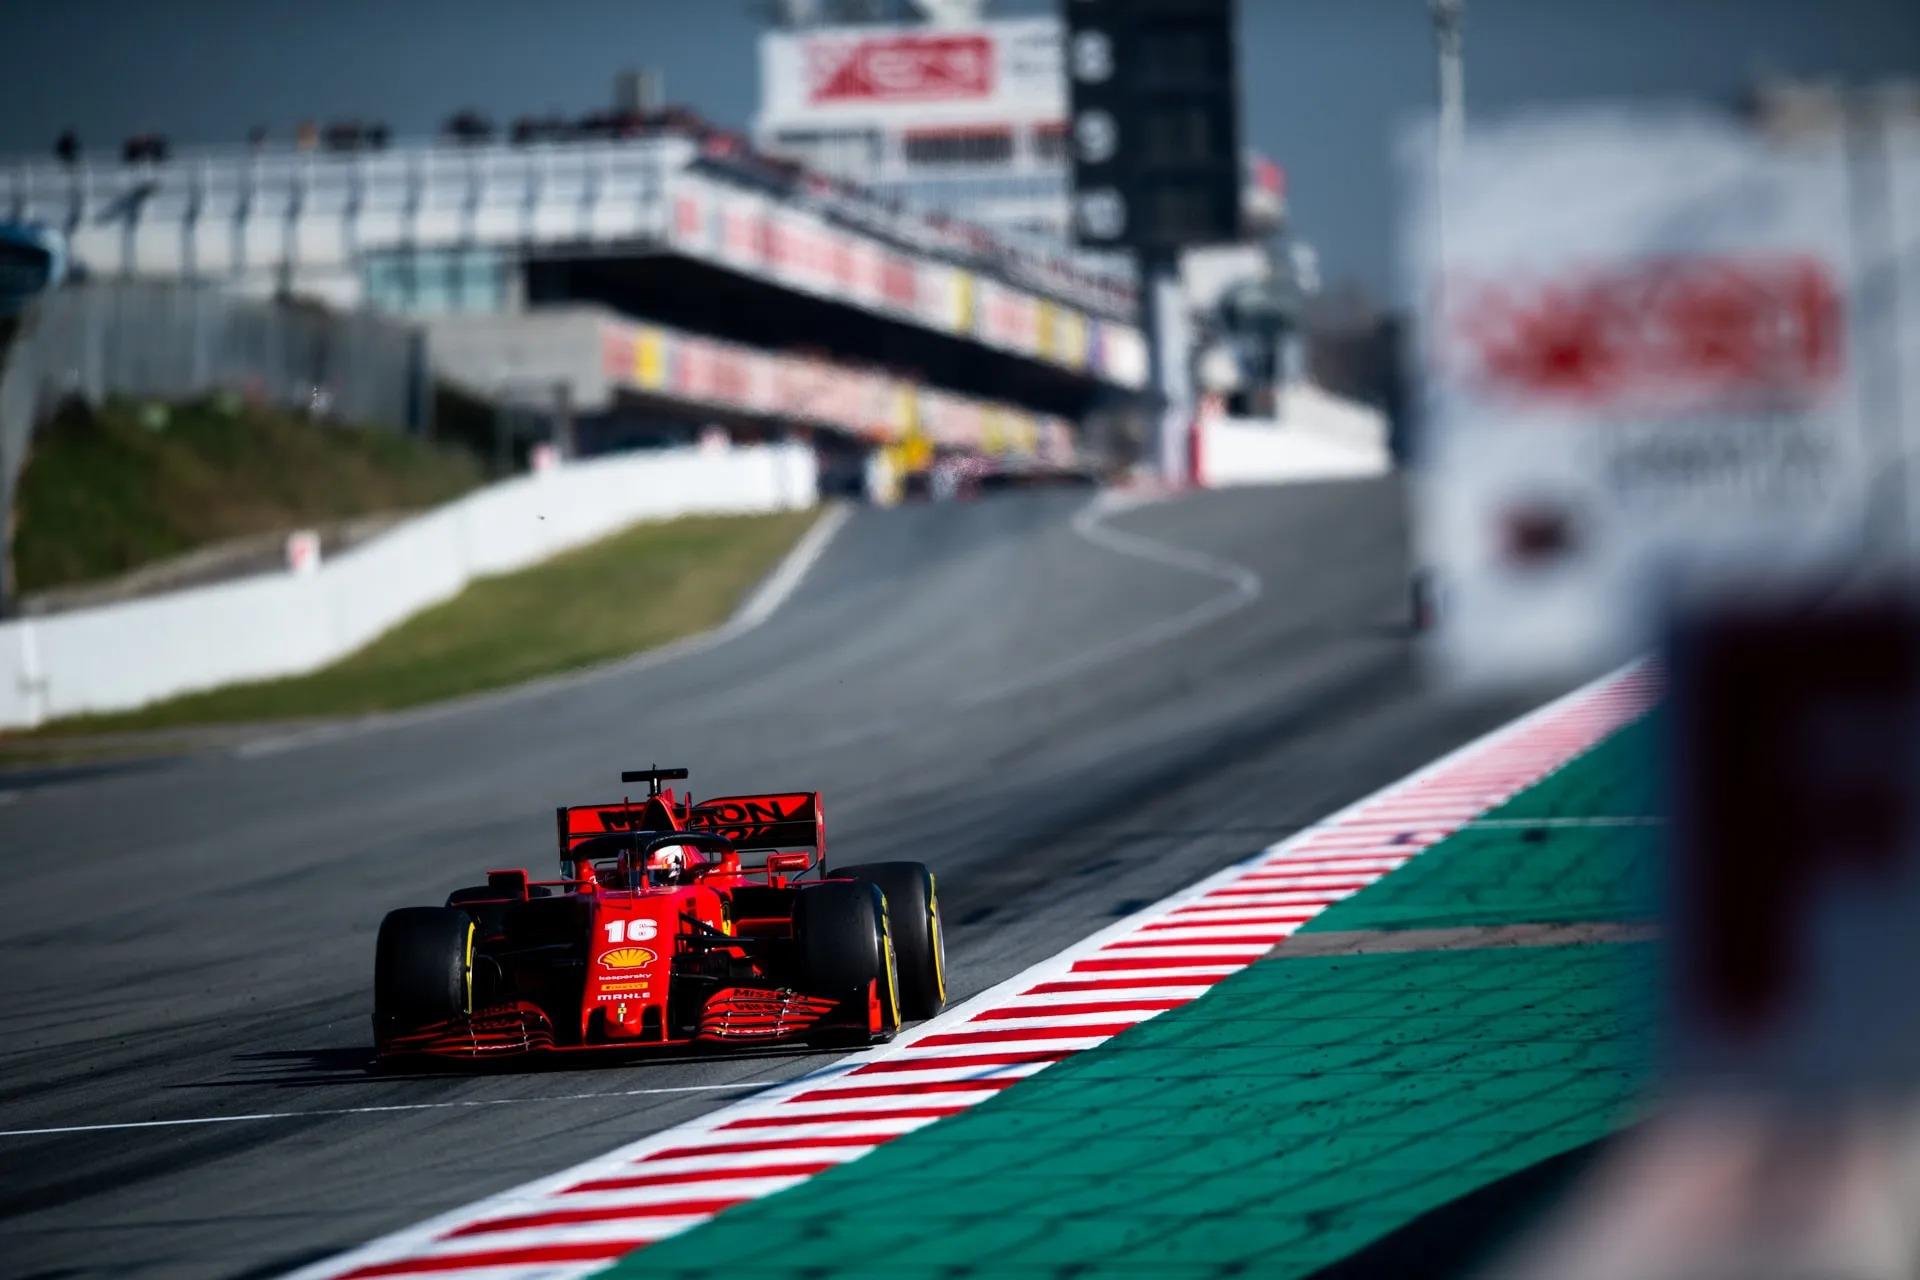 Ferrari sostiene la decisione di annullare il Gran Premio d'Australia - Motori e Auto - Investireoggi.it